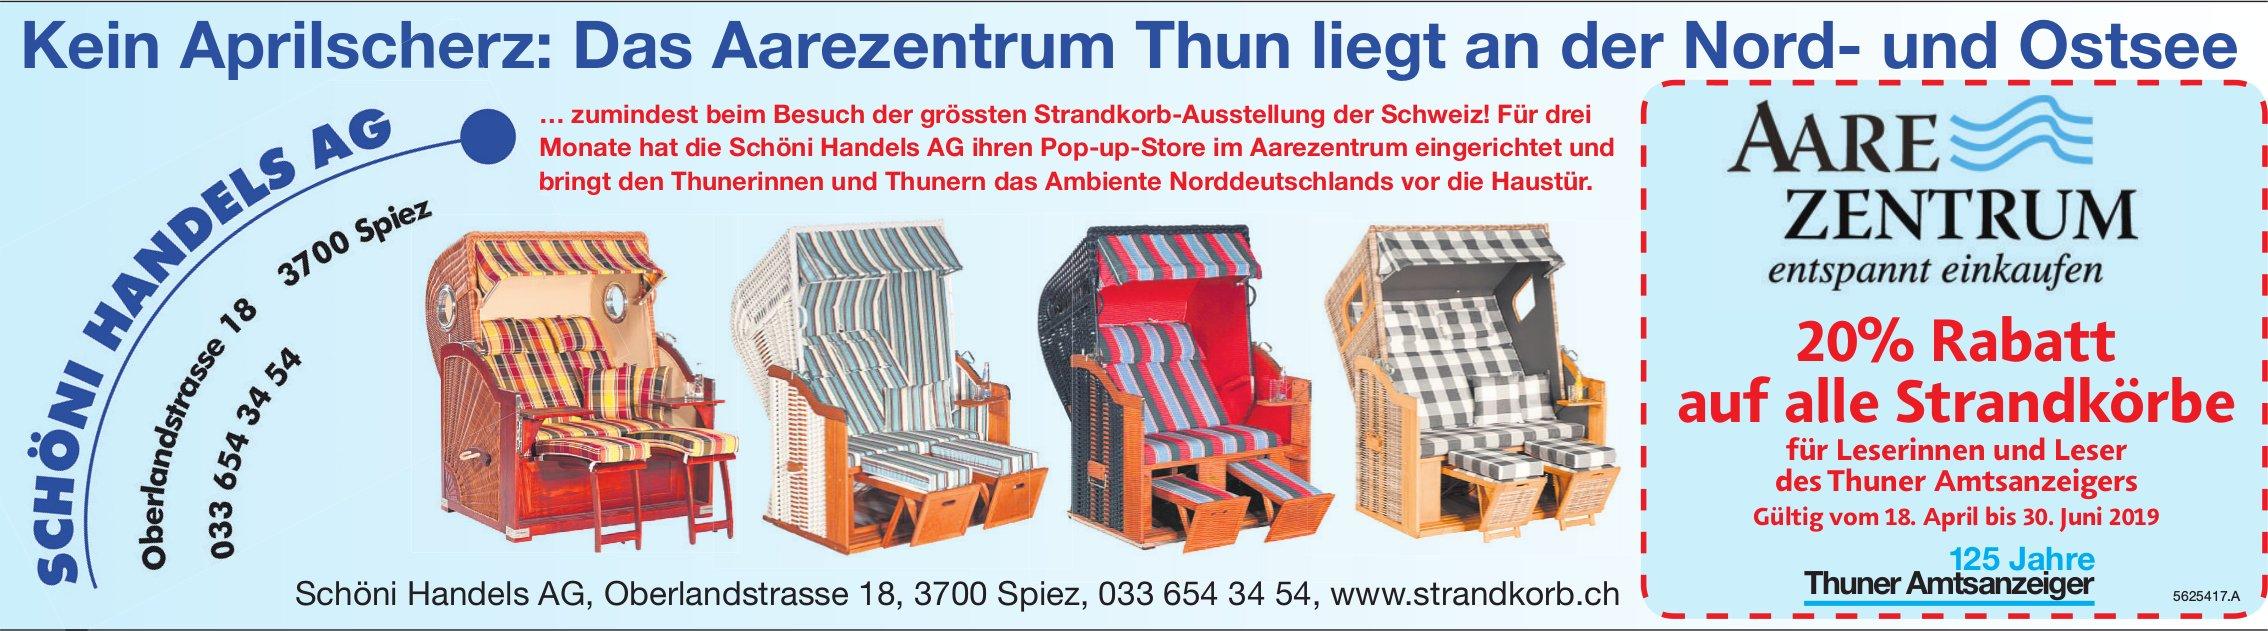 Schöni Handels AG, Spiez - Kein Aprilscherz: Das Aarezentrum Thun liegt an der Nord- und Ostsee